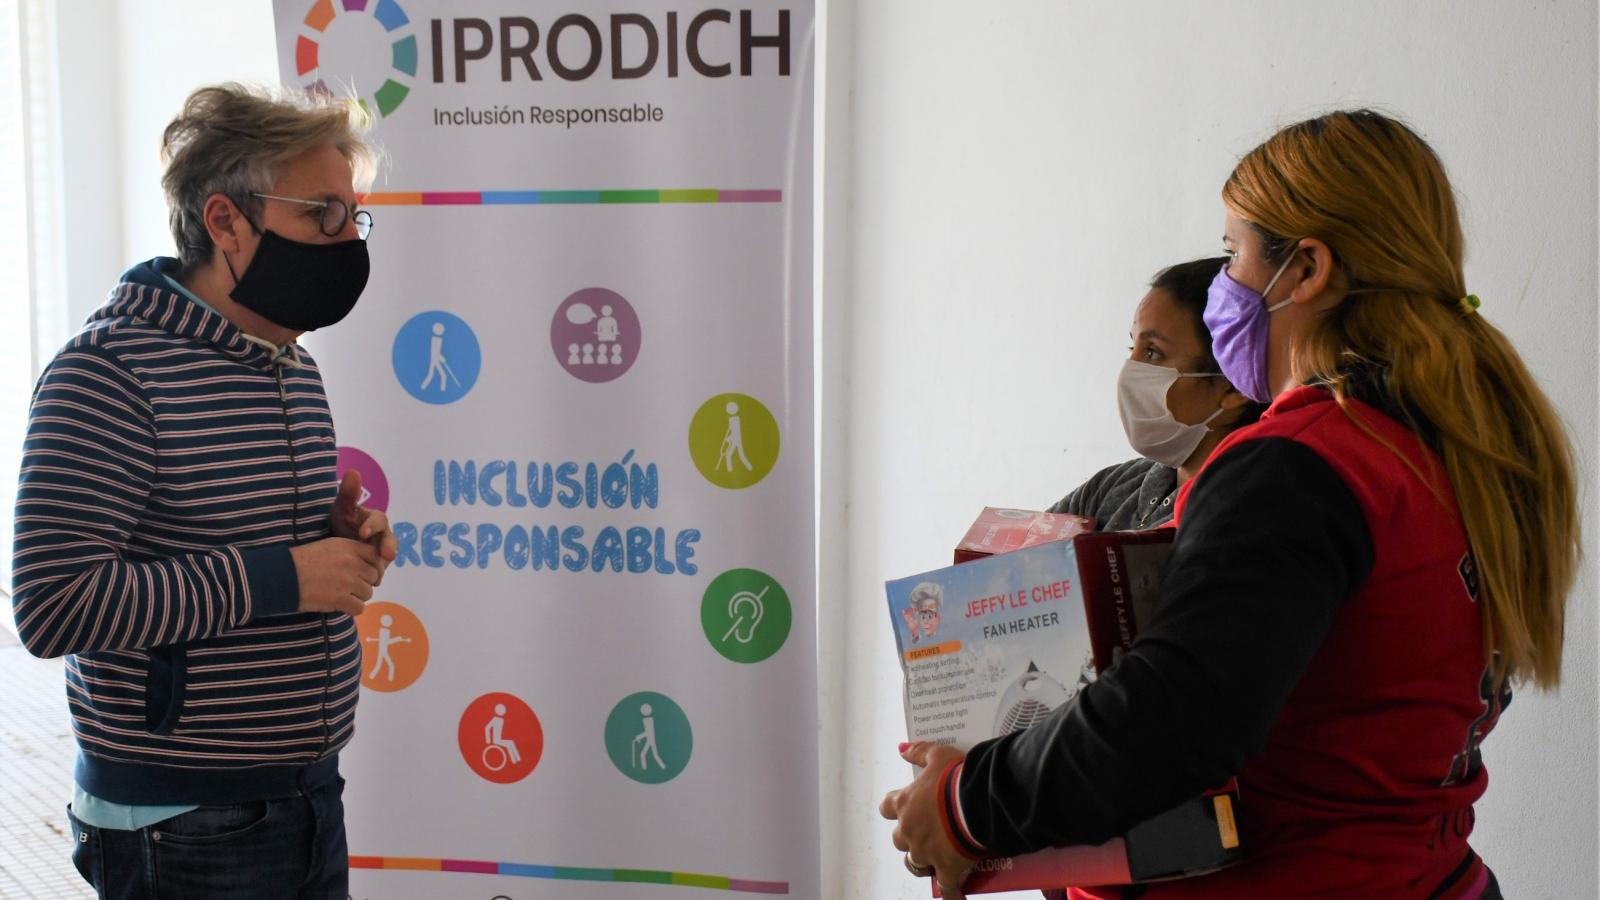 IPRODICH concreta firmemente la inclusión responsable en todo el Chaco